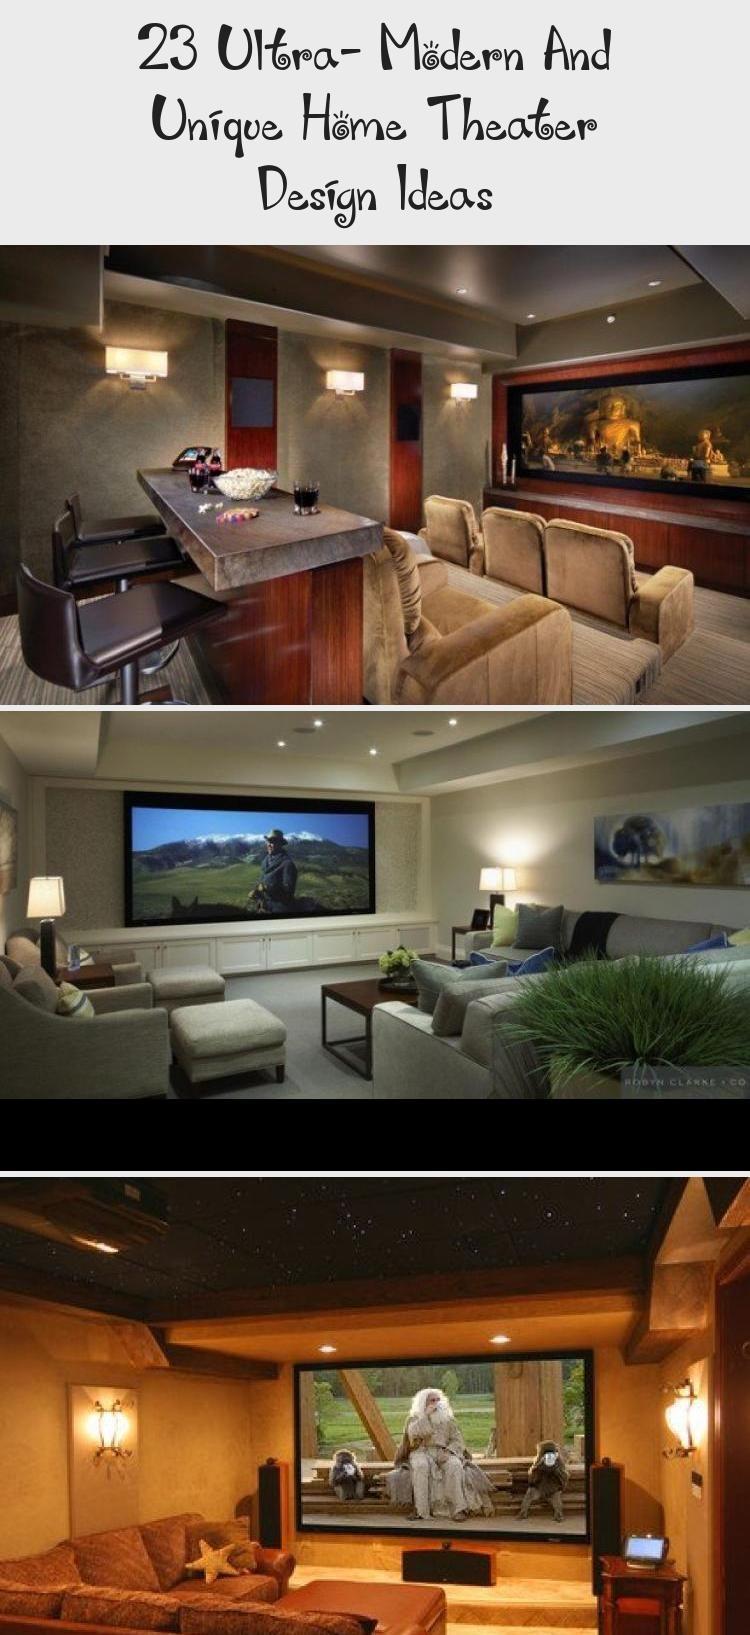 23 Ultra Modern And Unique Home Theater Design Ideas Design 23